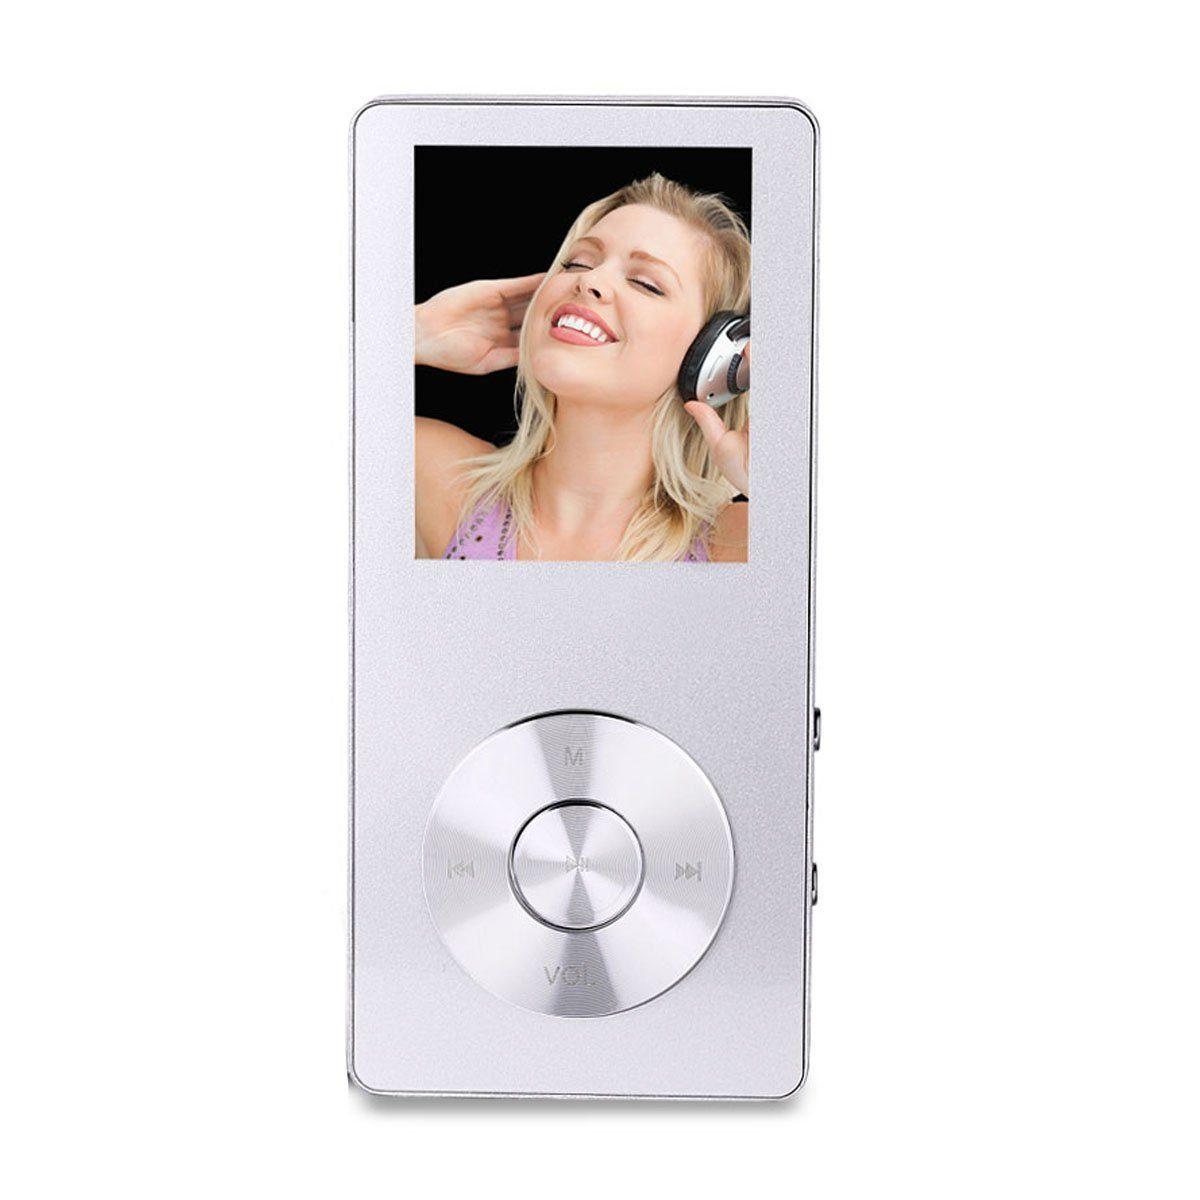 Peficecy-MP3-Player und Diktiergerät